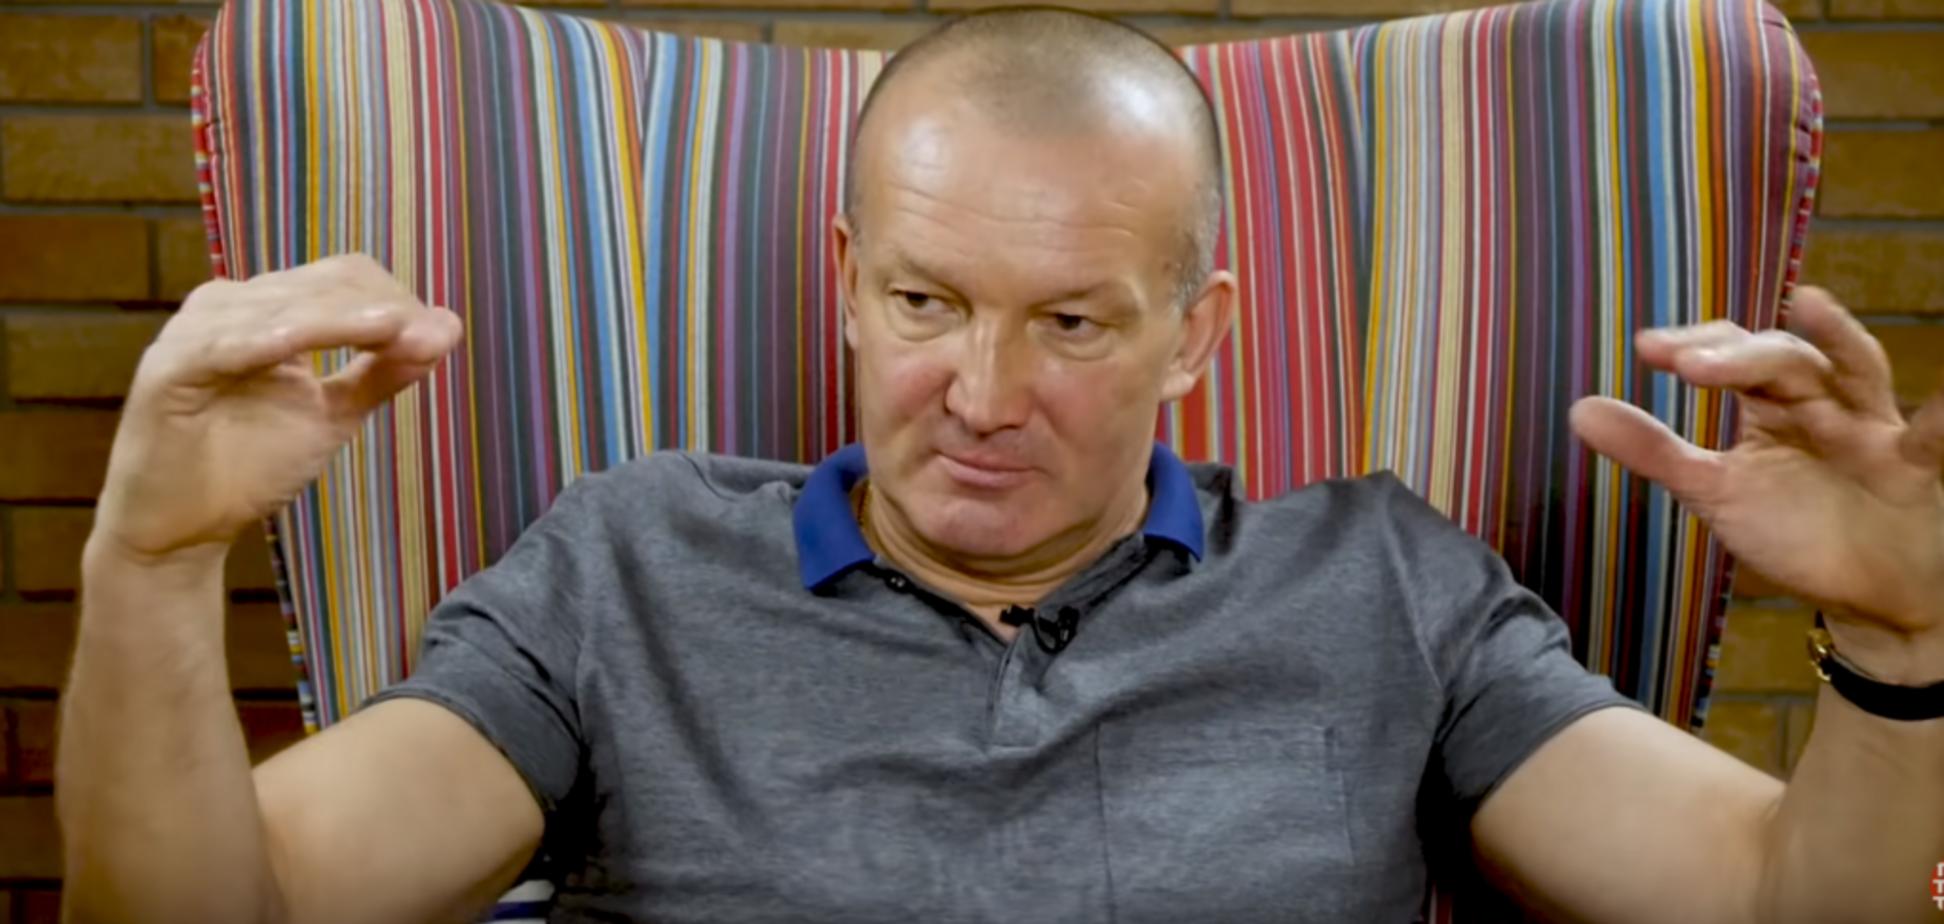 'Невозможно!' Знаменитый украинский тренер резко отверг работу в России